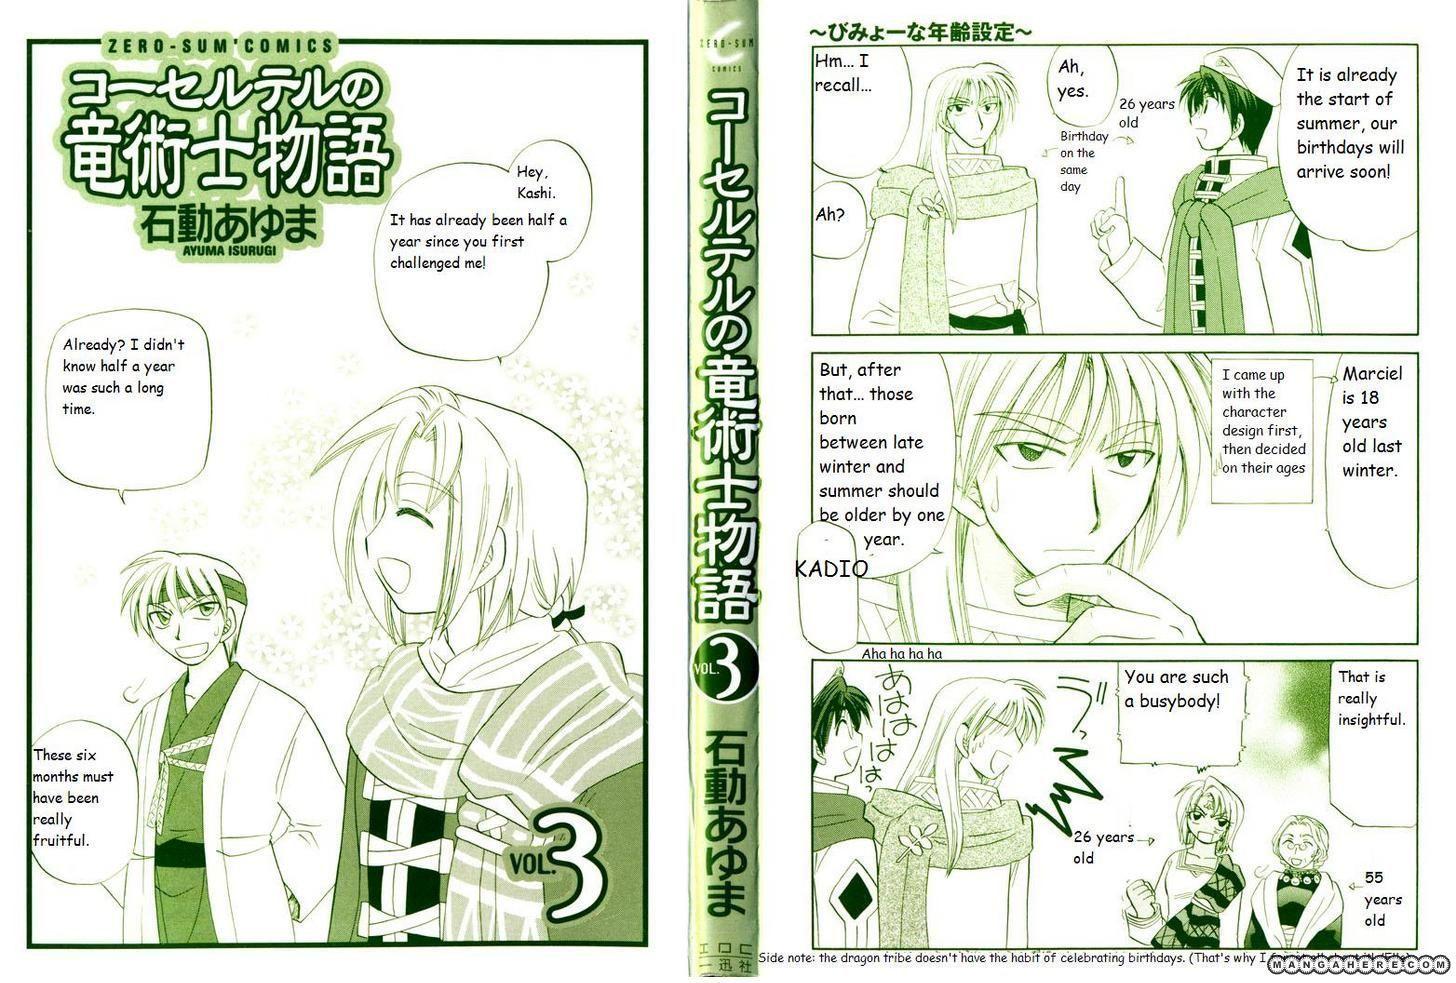 Corseltel No Ryuujitsushi Monogatari 15 Page 2